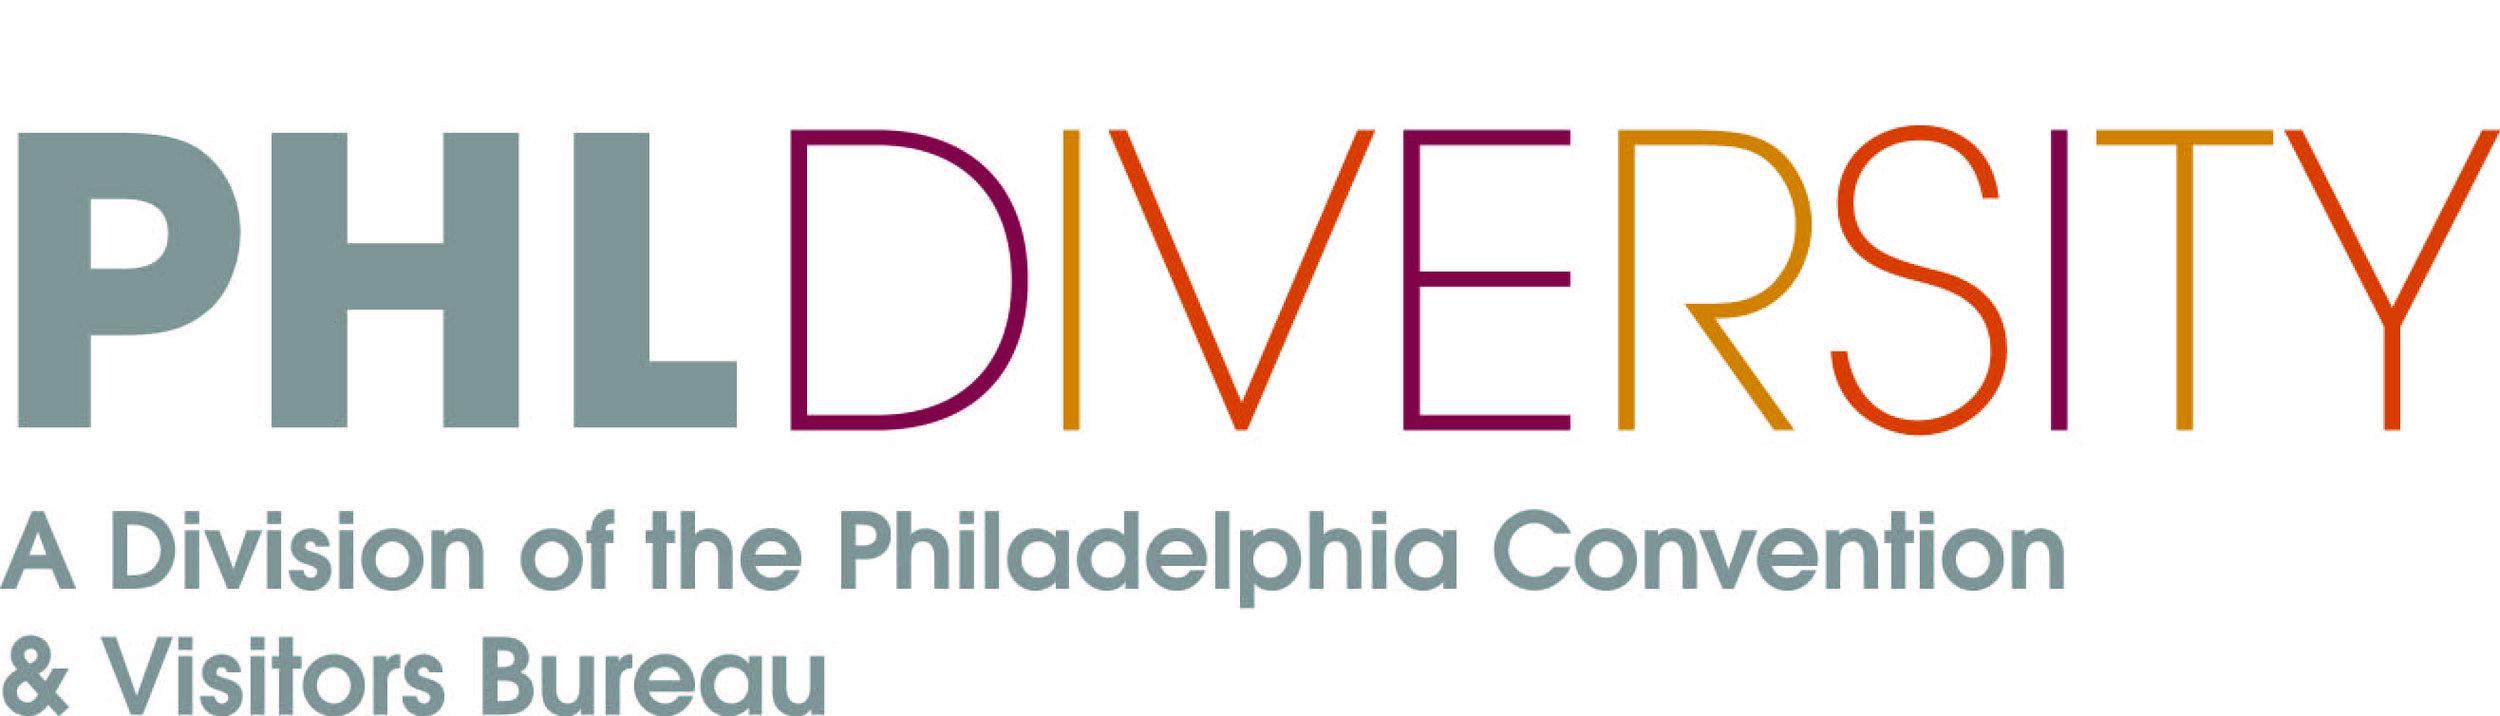 PHLDiversity-Logo-Full.jpg